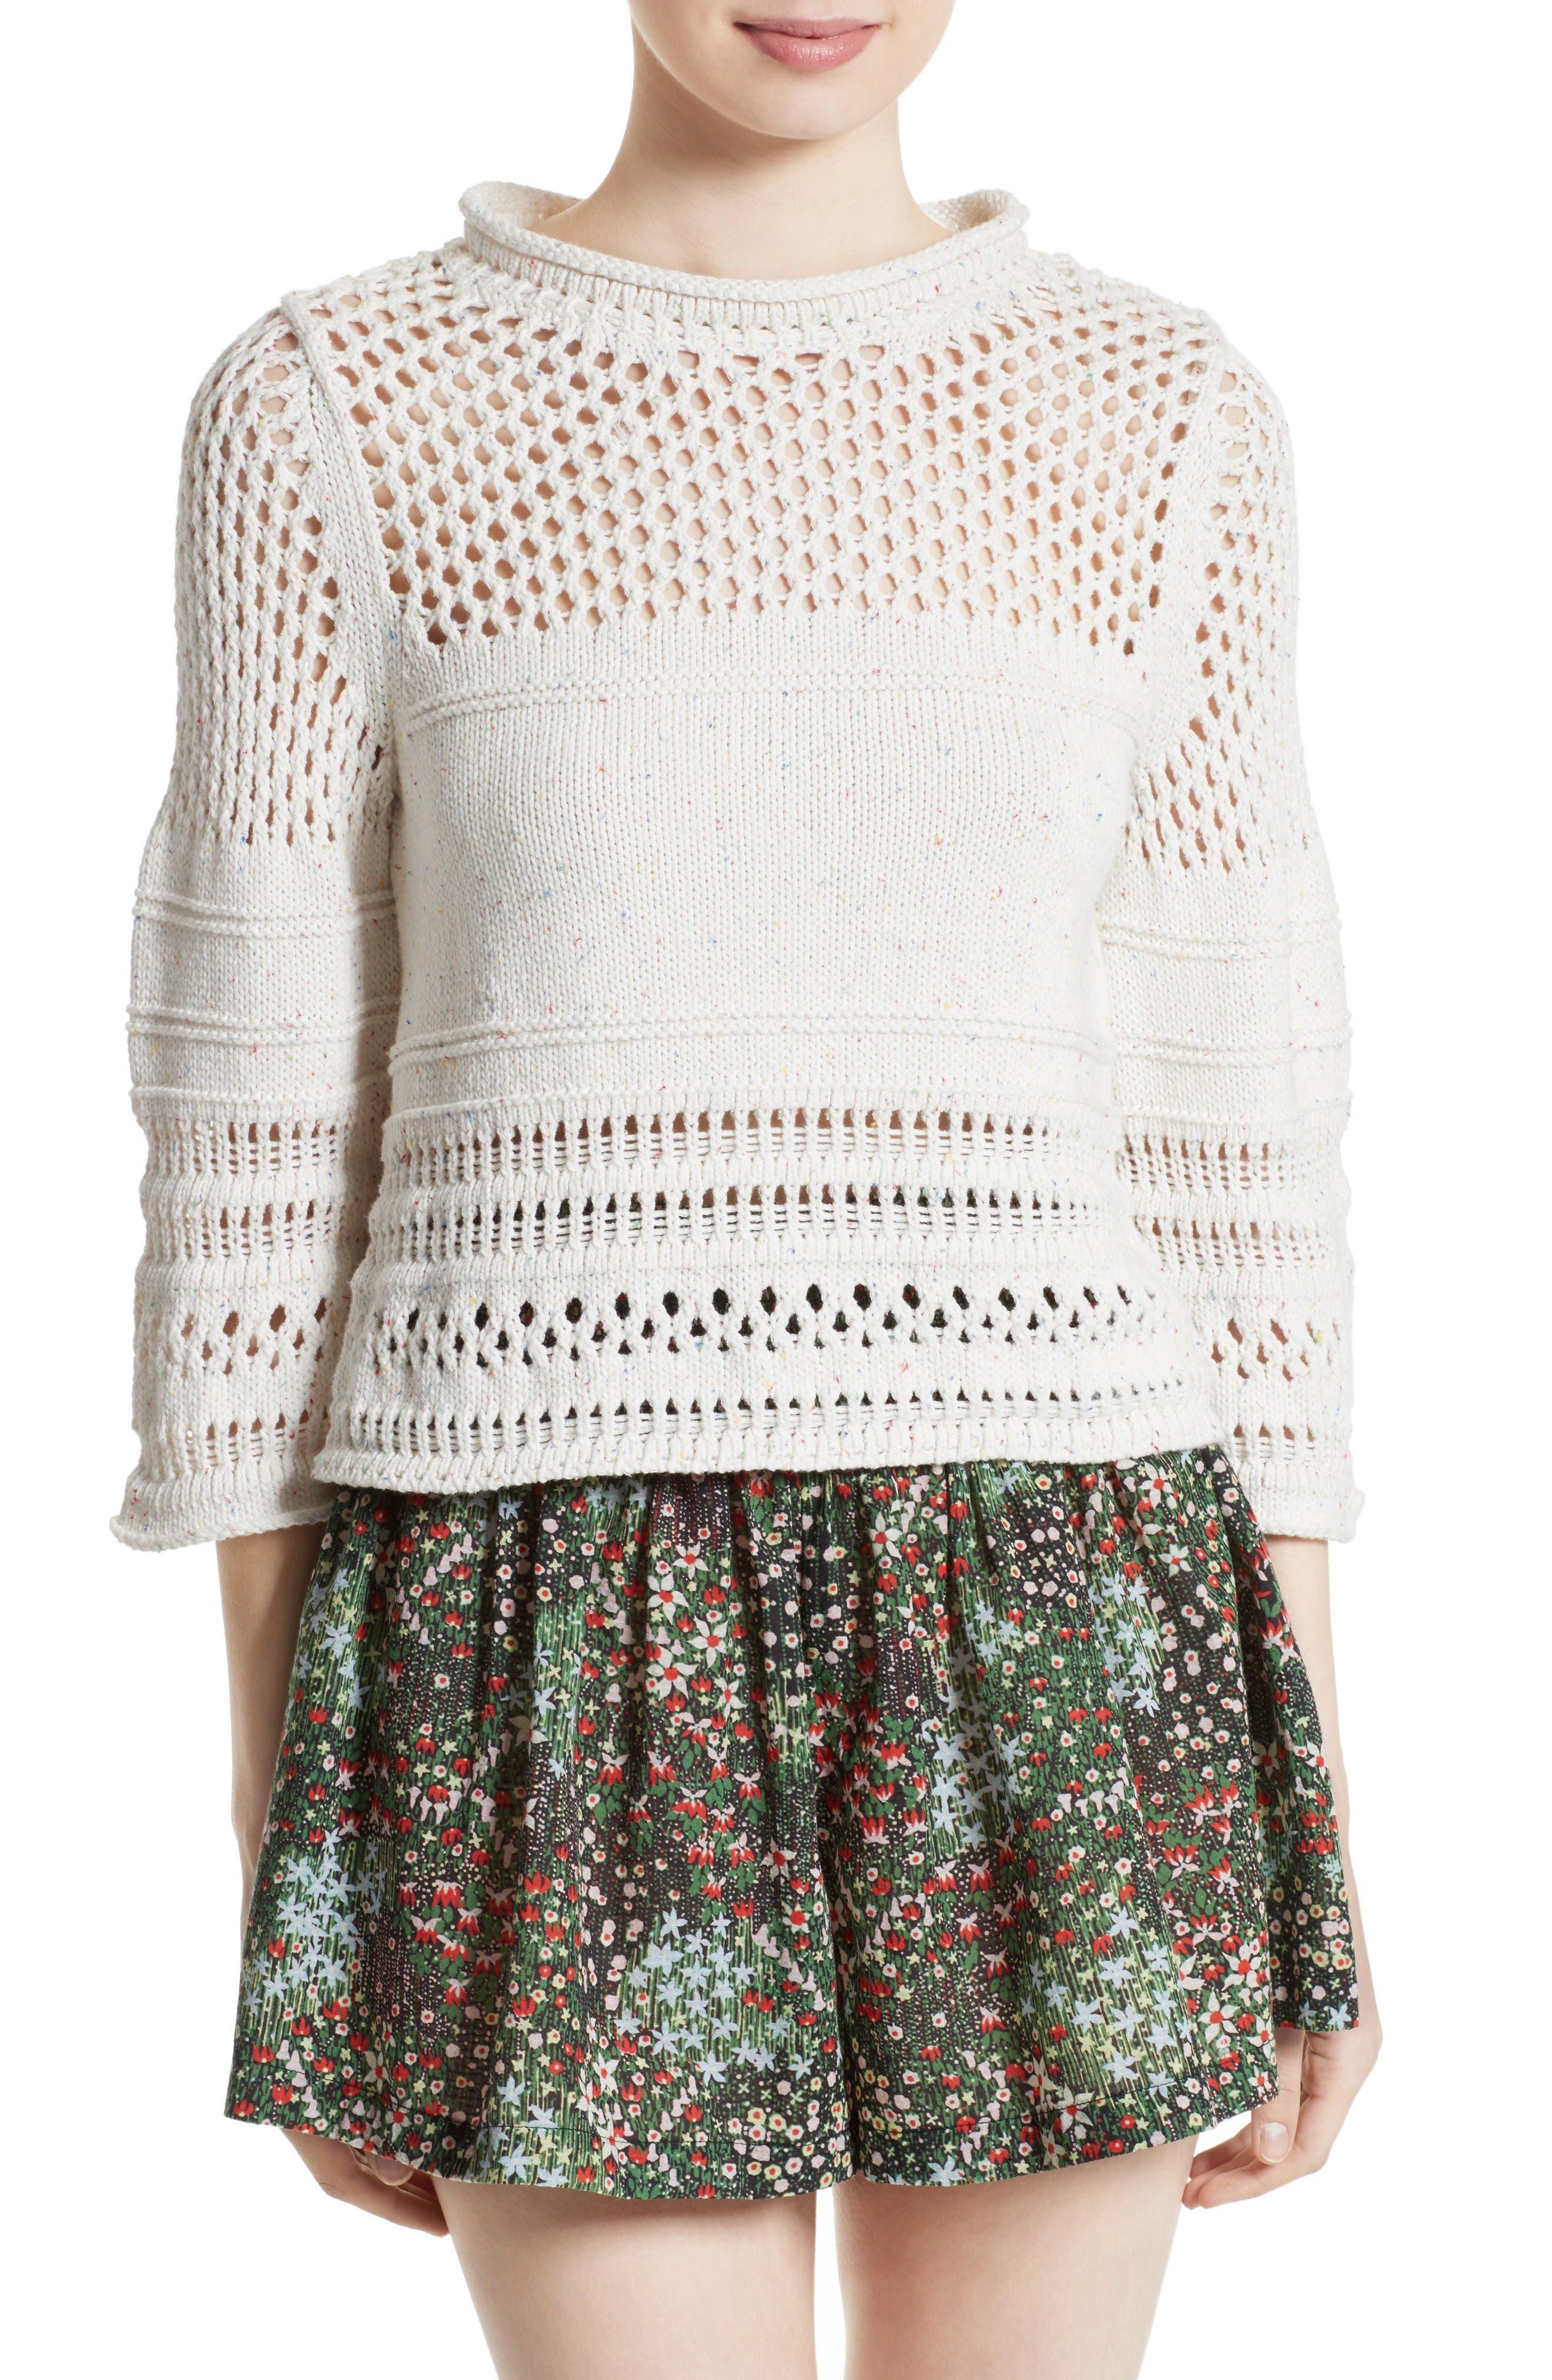 Alternate Image 1 Selected - La Vie Rebecca Taylor Confetti Knit Pullover